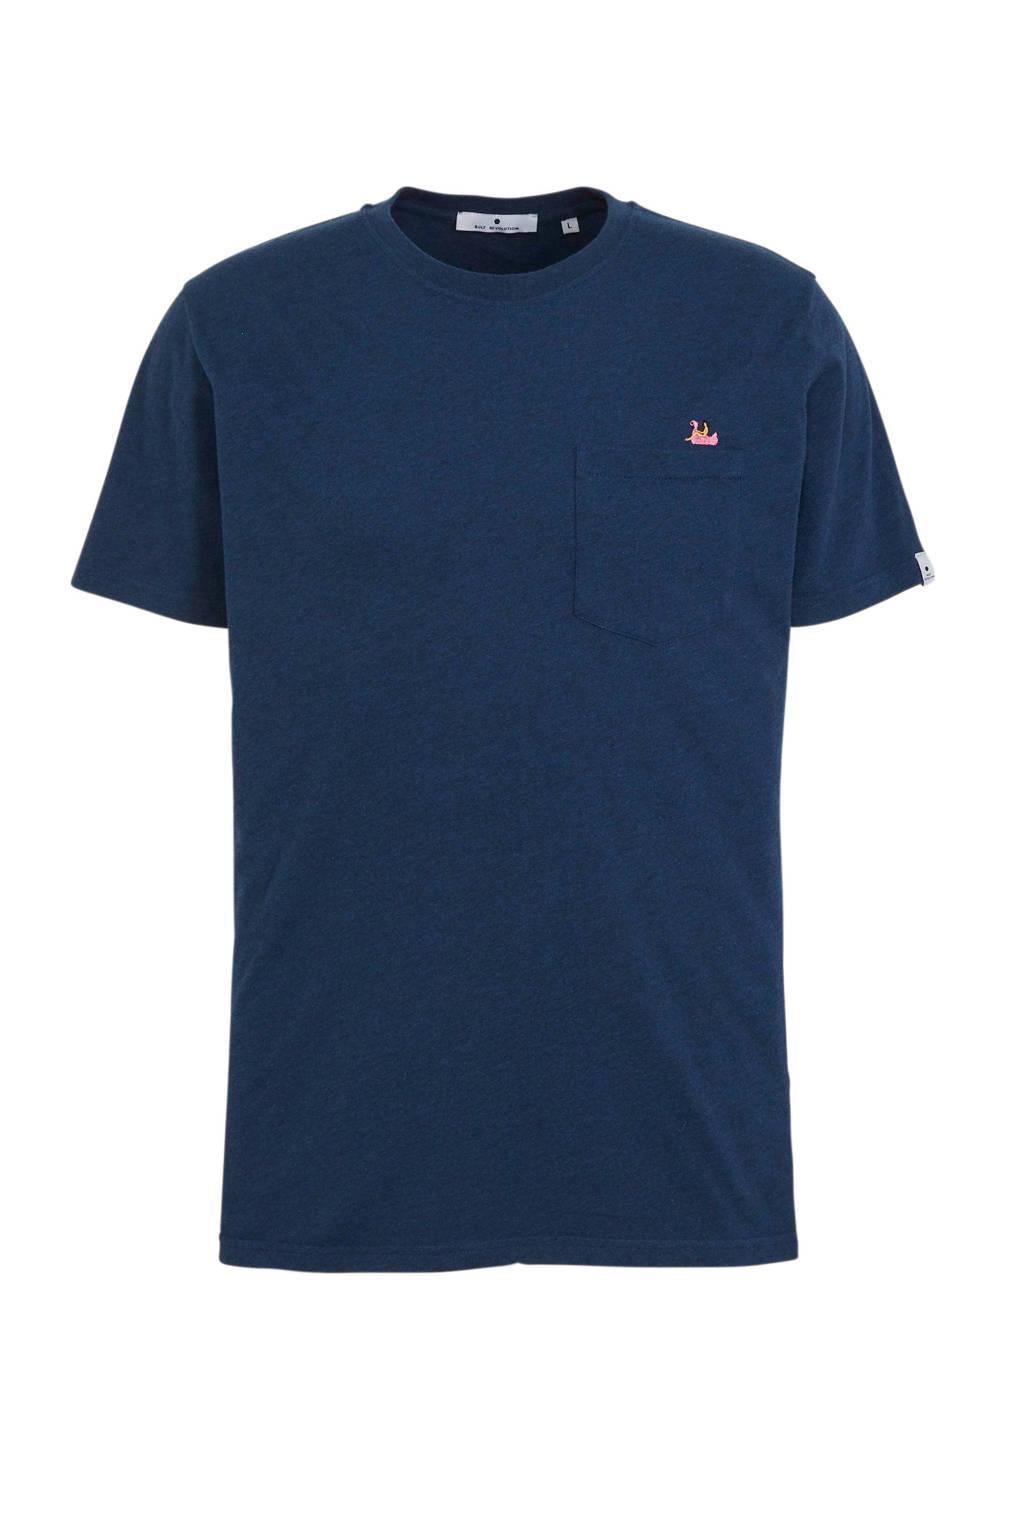 RVLT T-shirt marine, Marine